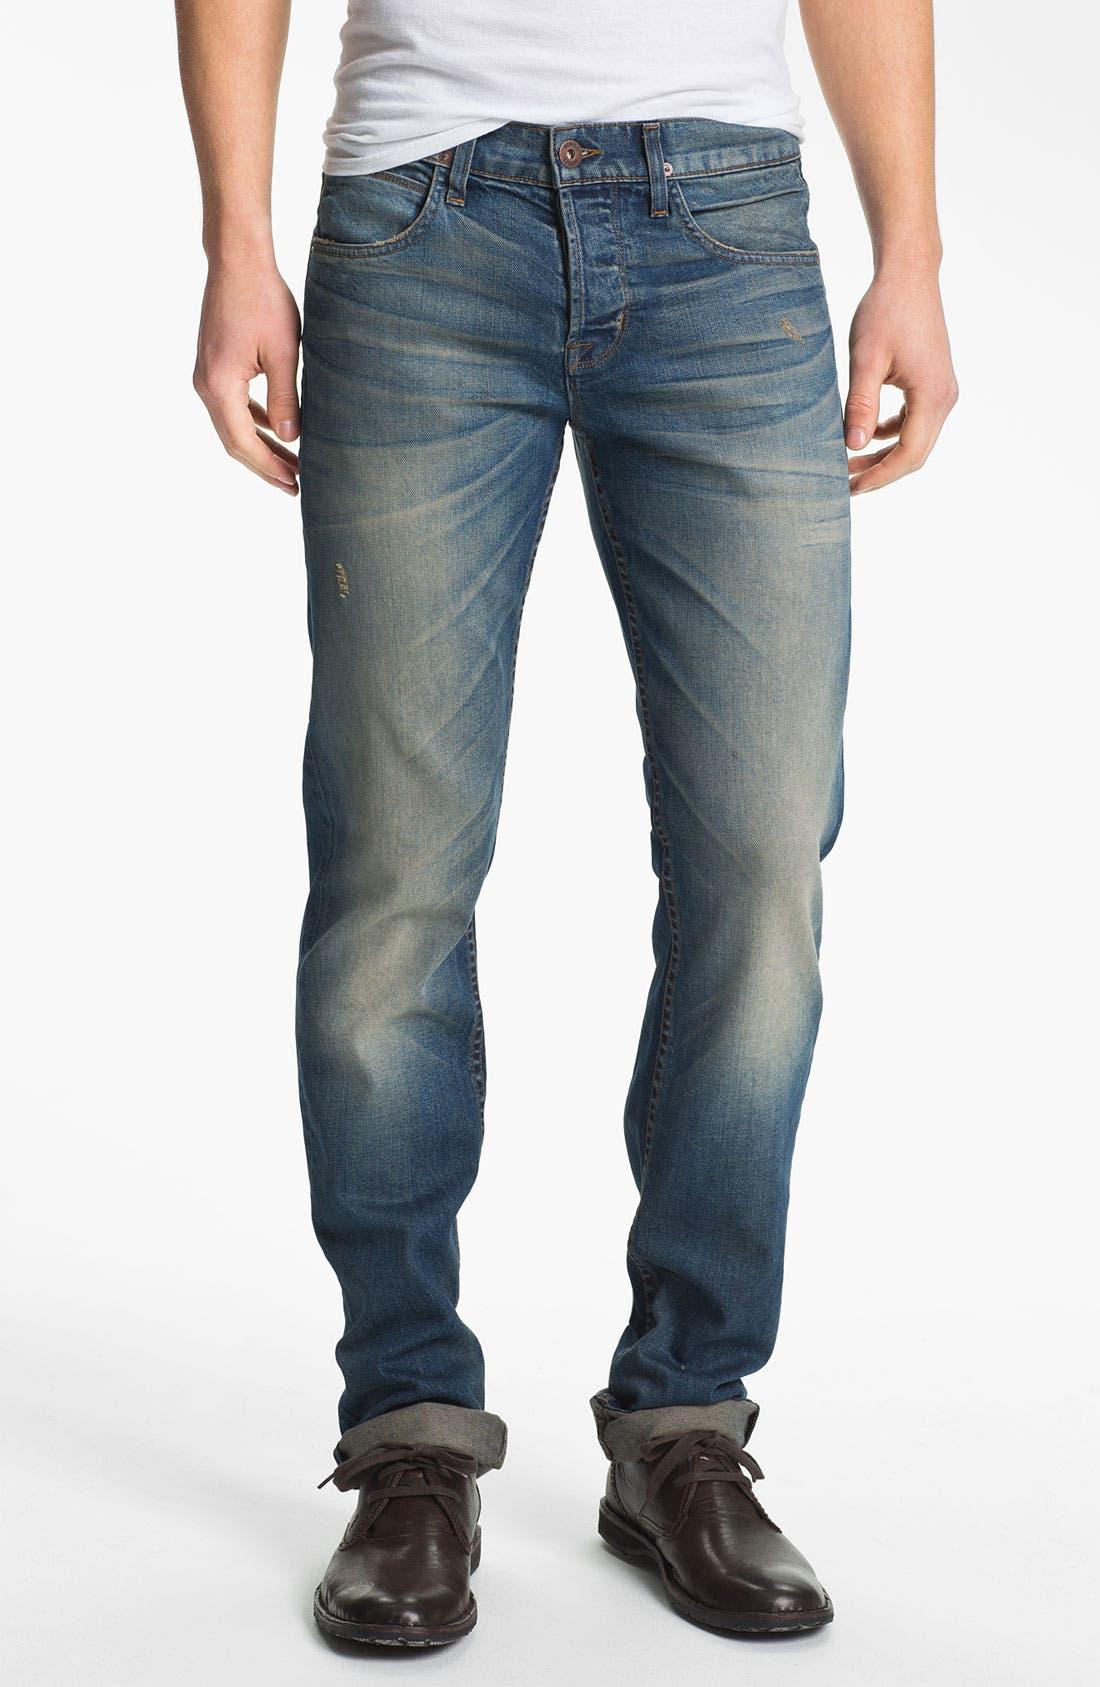 Alternate Image 1 Selected - Hudson Jeans 'Byron' Straight Leg Jeans (Tyler)